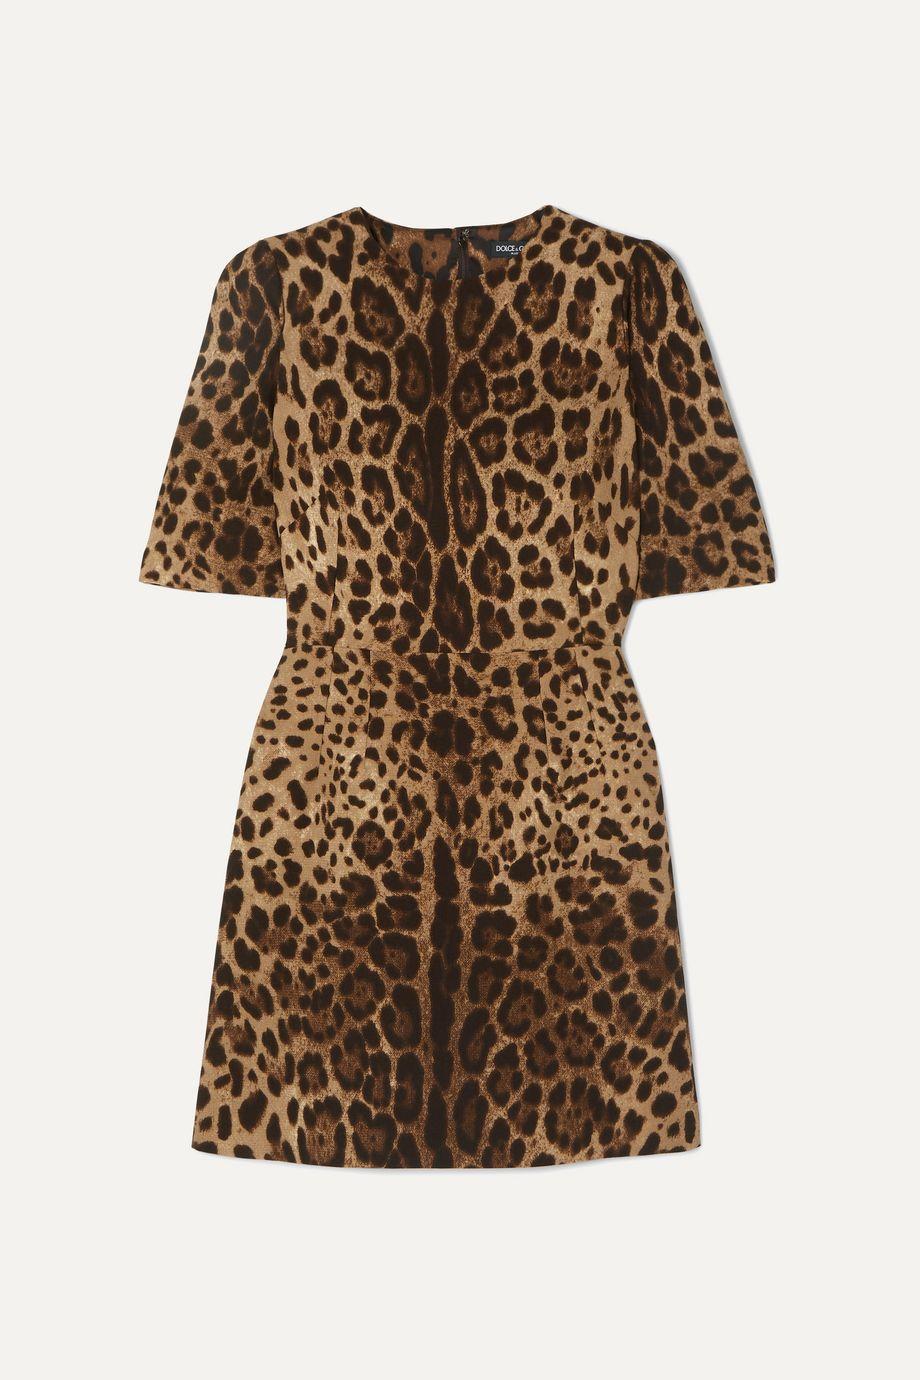 Dolce & Gabbana Leopard-print wool-crepe mini dress